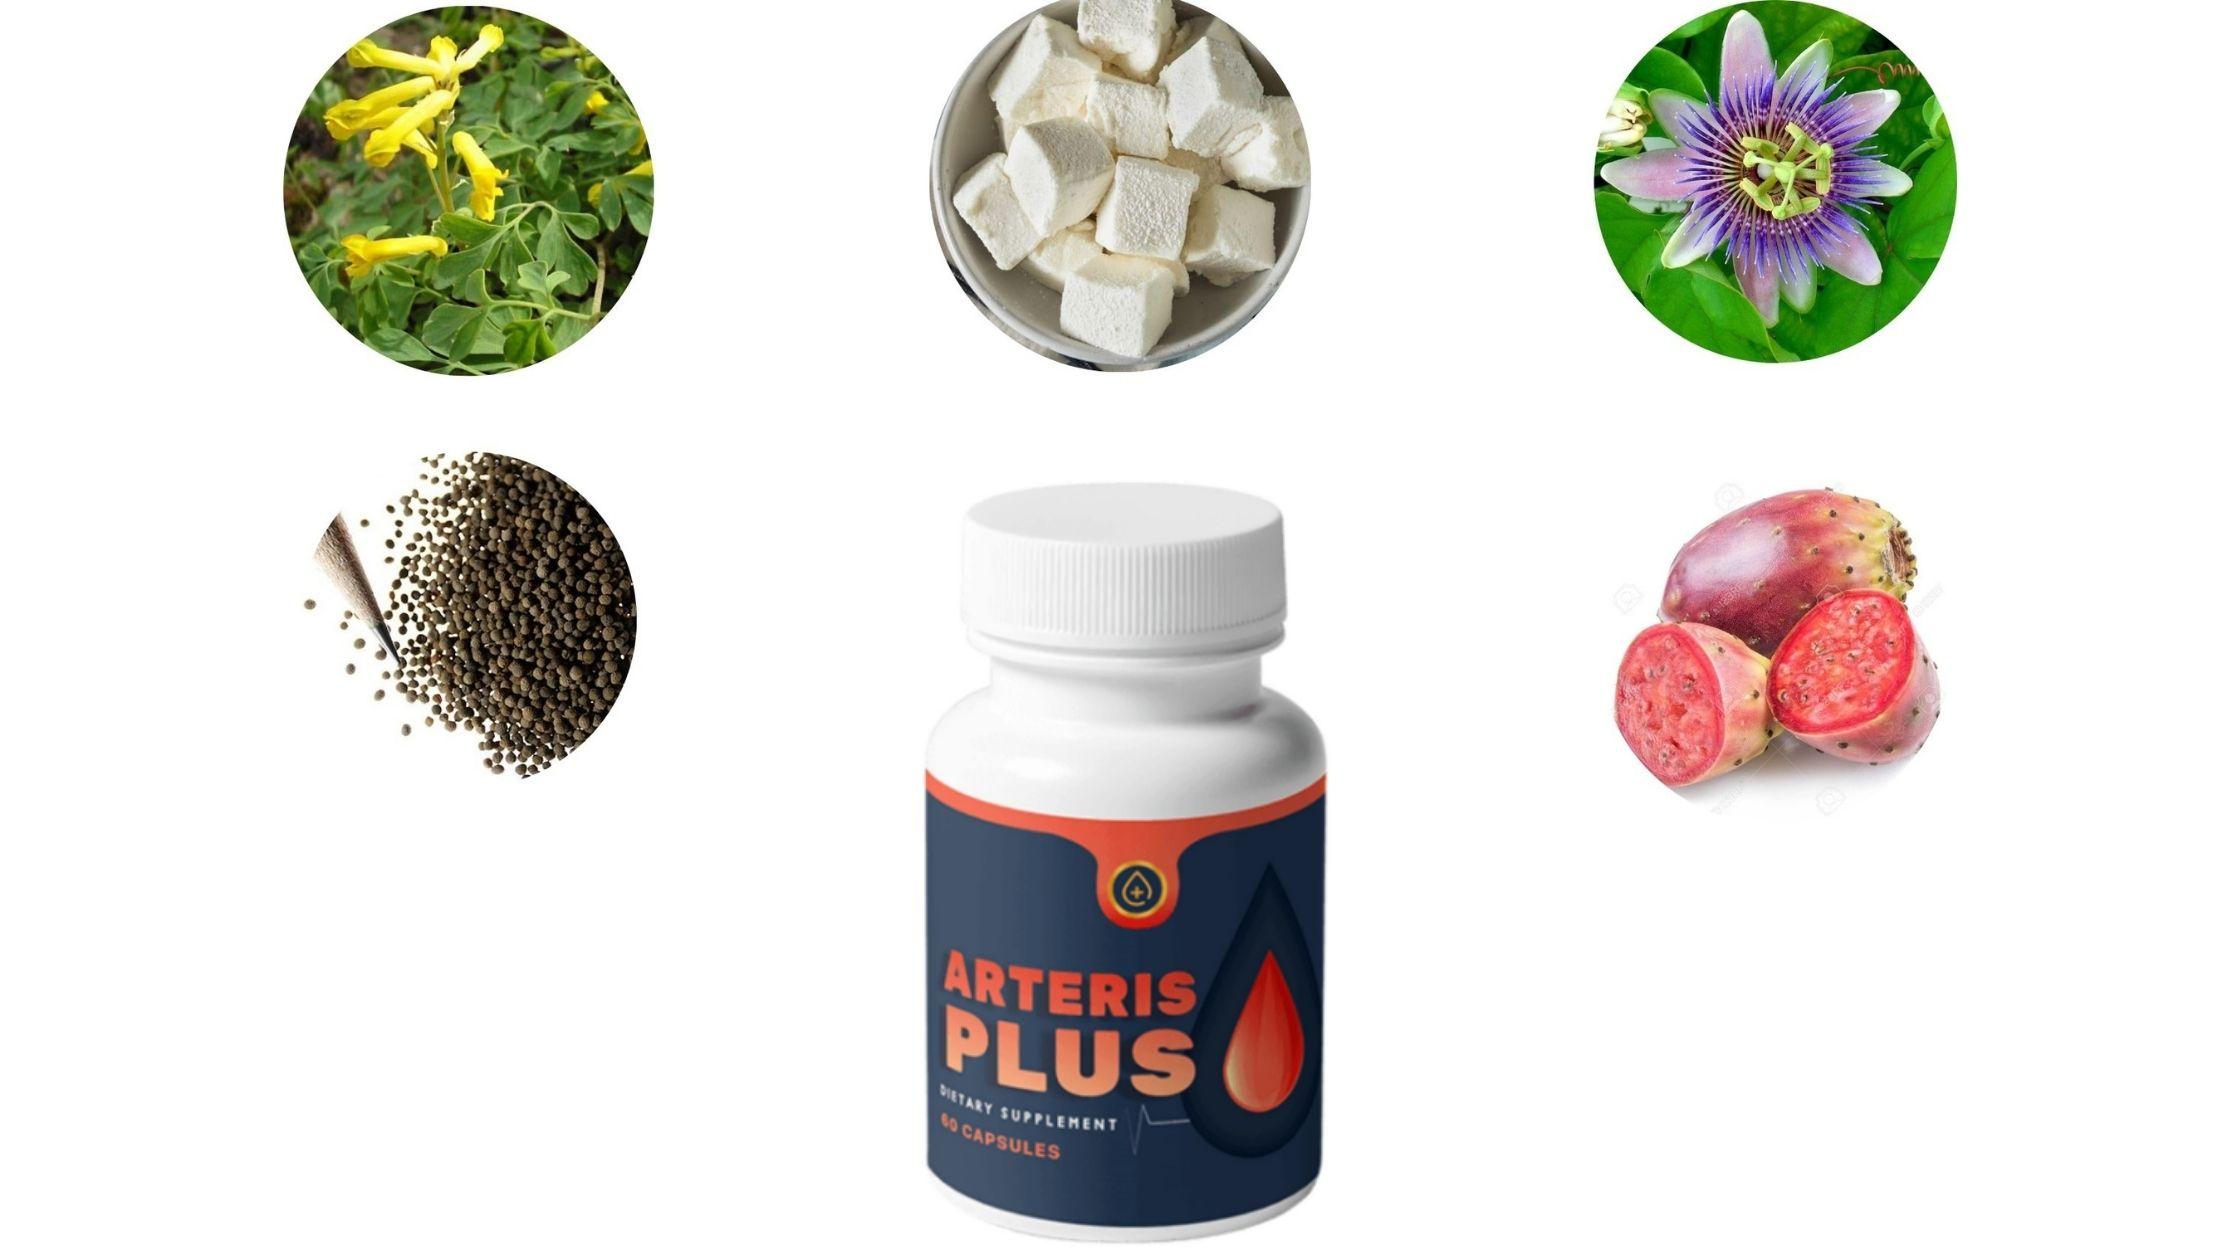 Arteris Plus- Ingredient